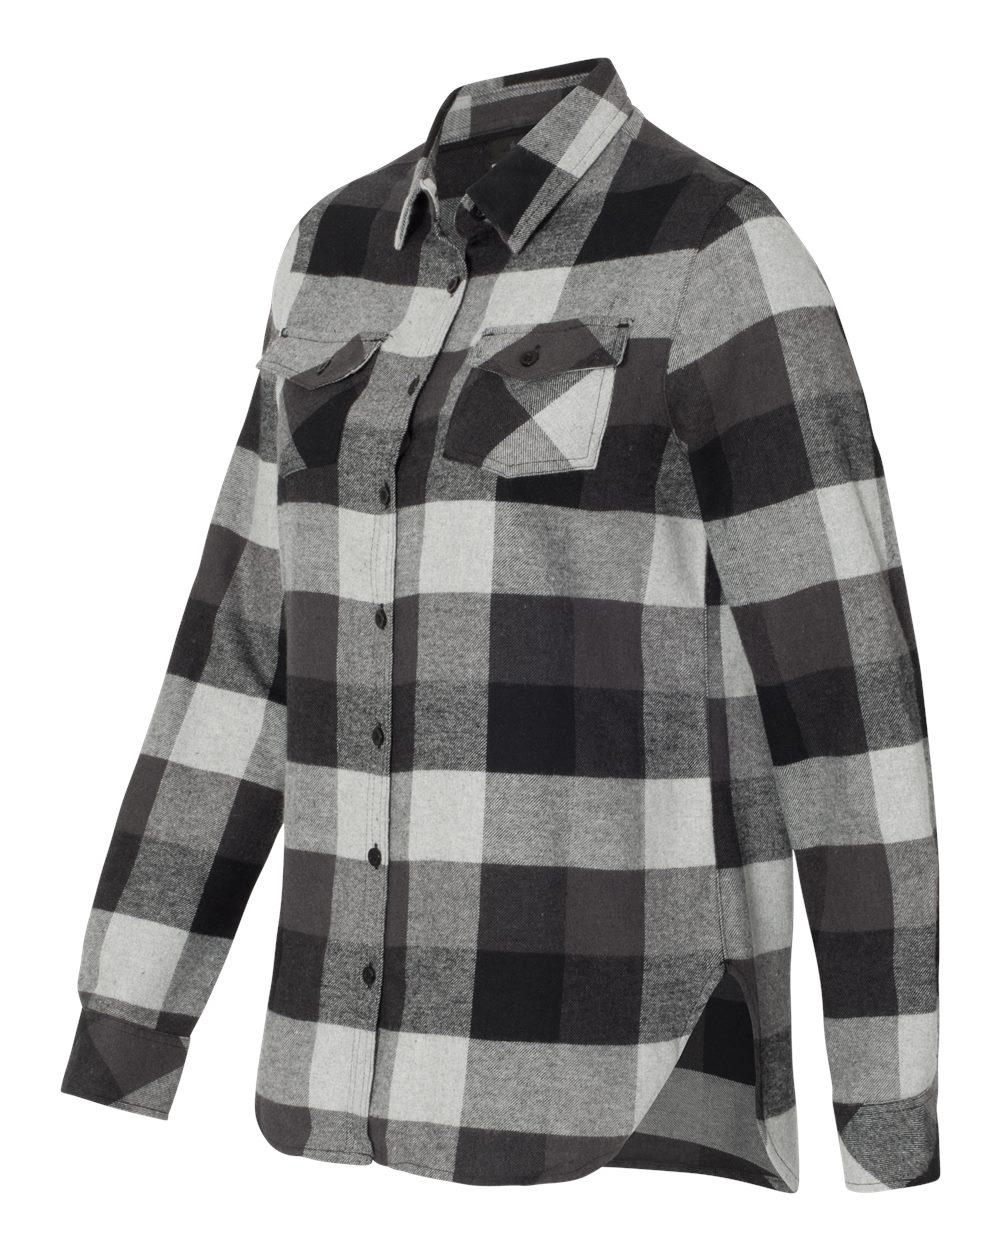 Burnside 5210 - Women's Yarn-Dyed Long Sleeve Flannel ...